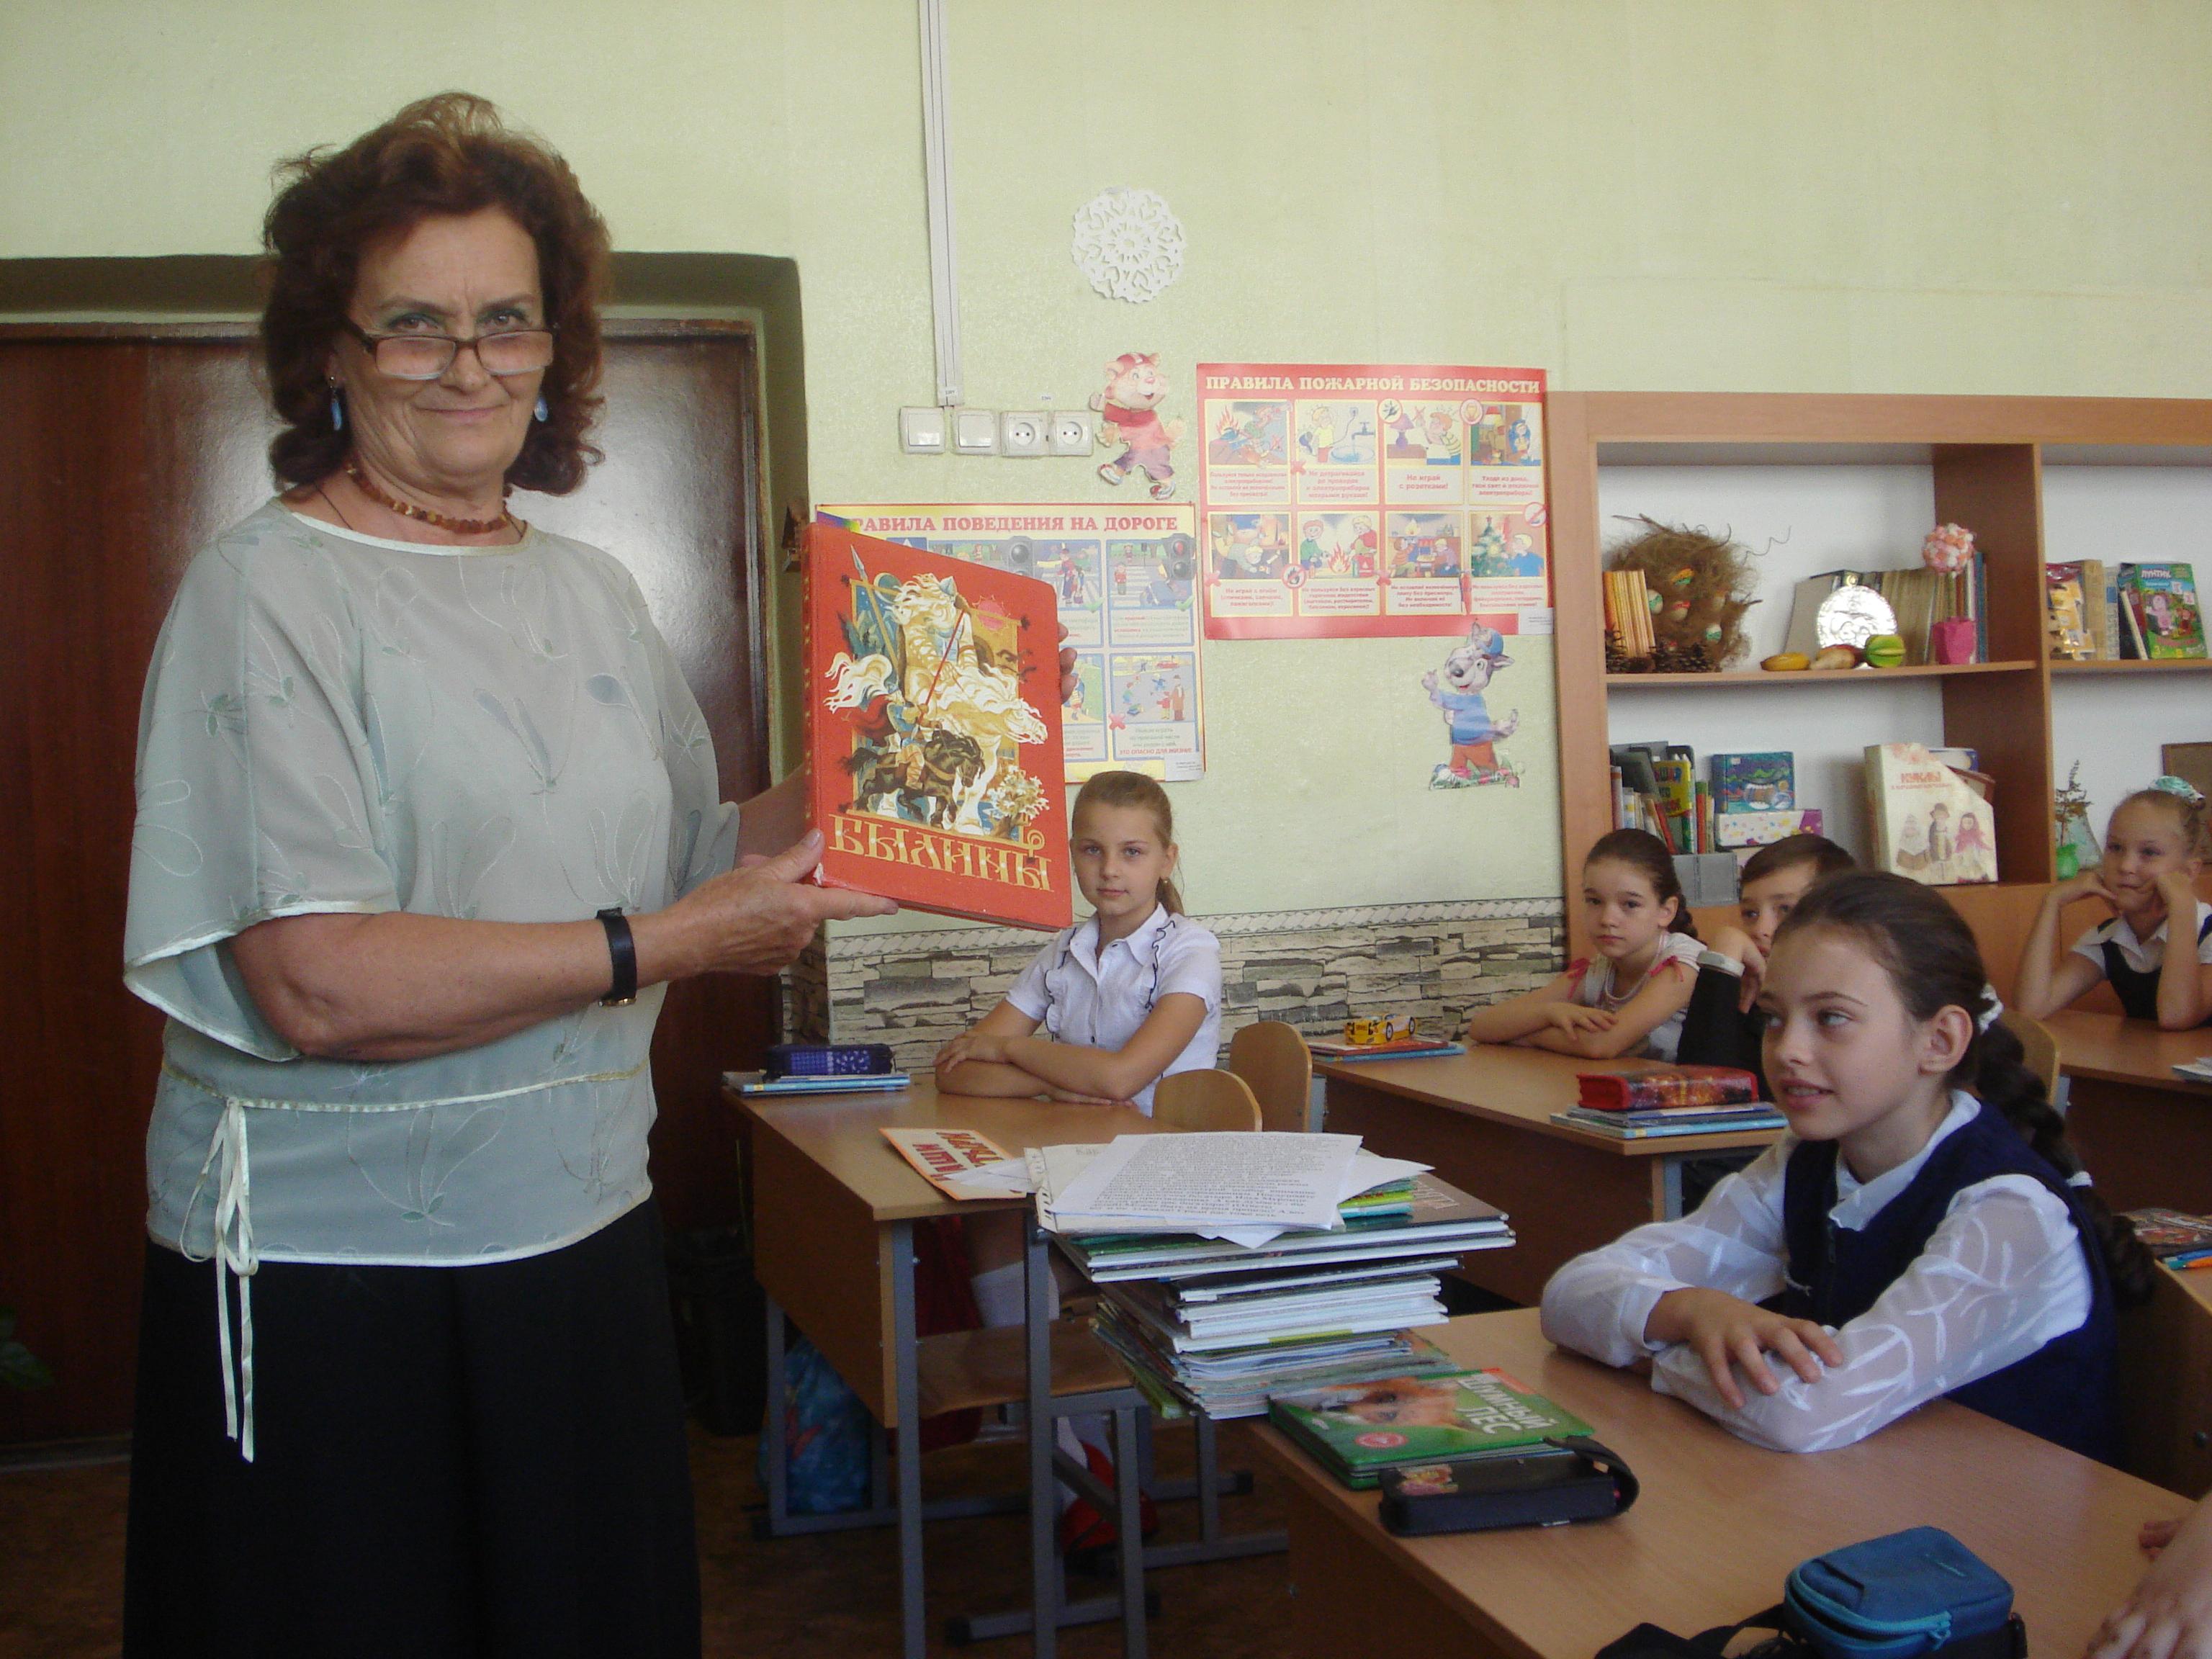 русские богатыри, донецкая республиканская библиотека для детей, пропаганда чтения, занятия с детьми